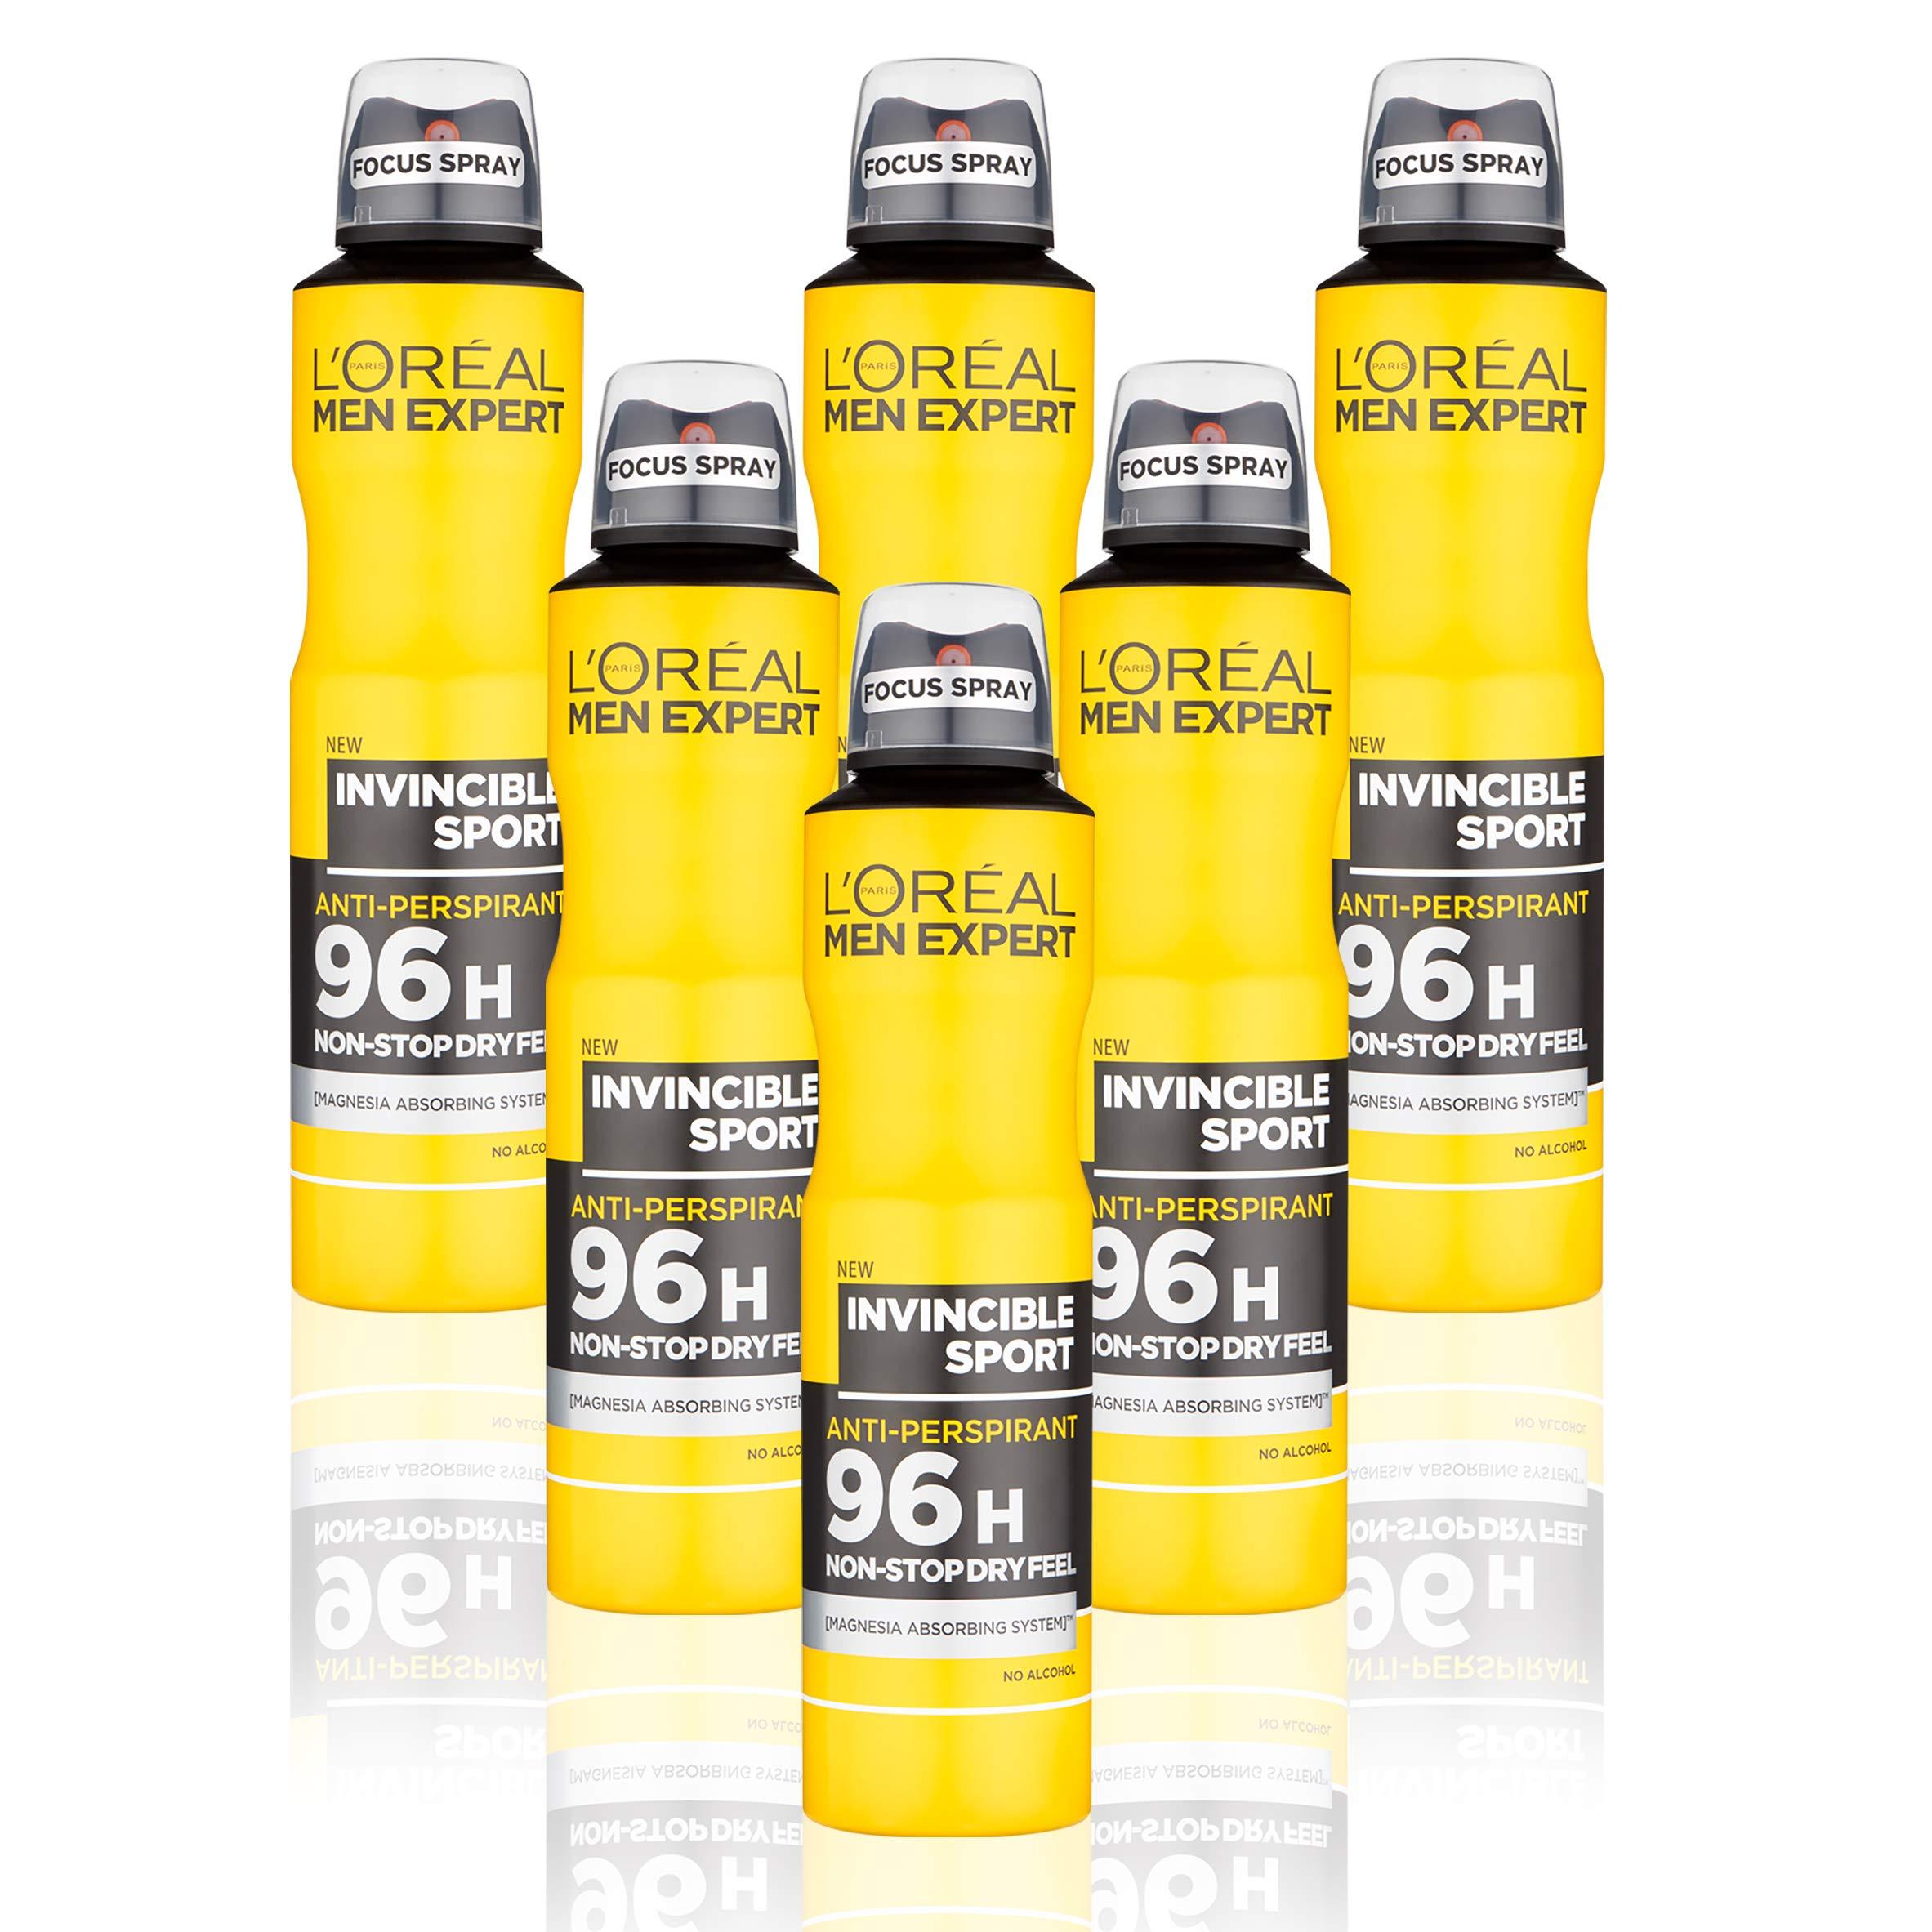 L'Oréal Men Expert Invincible Sport 96H Anti-Perspirant Deodorant for Men, 250 ml, Pack of 6, Bulk Buy